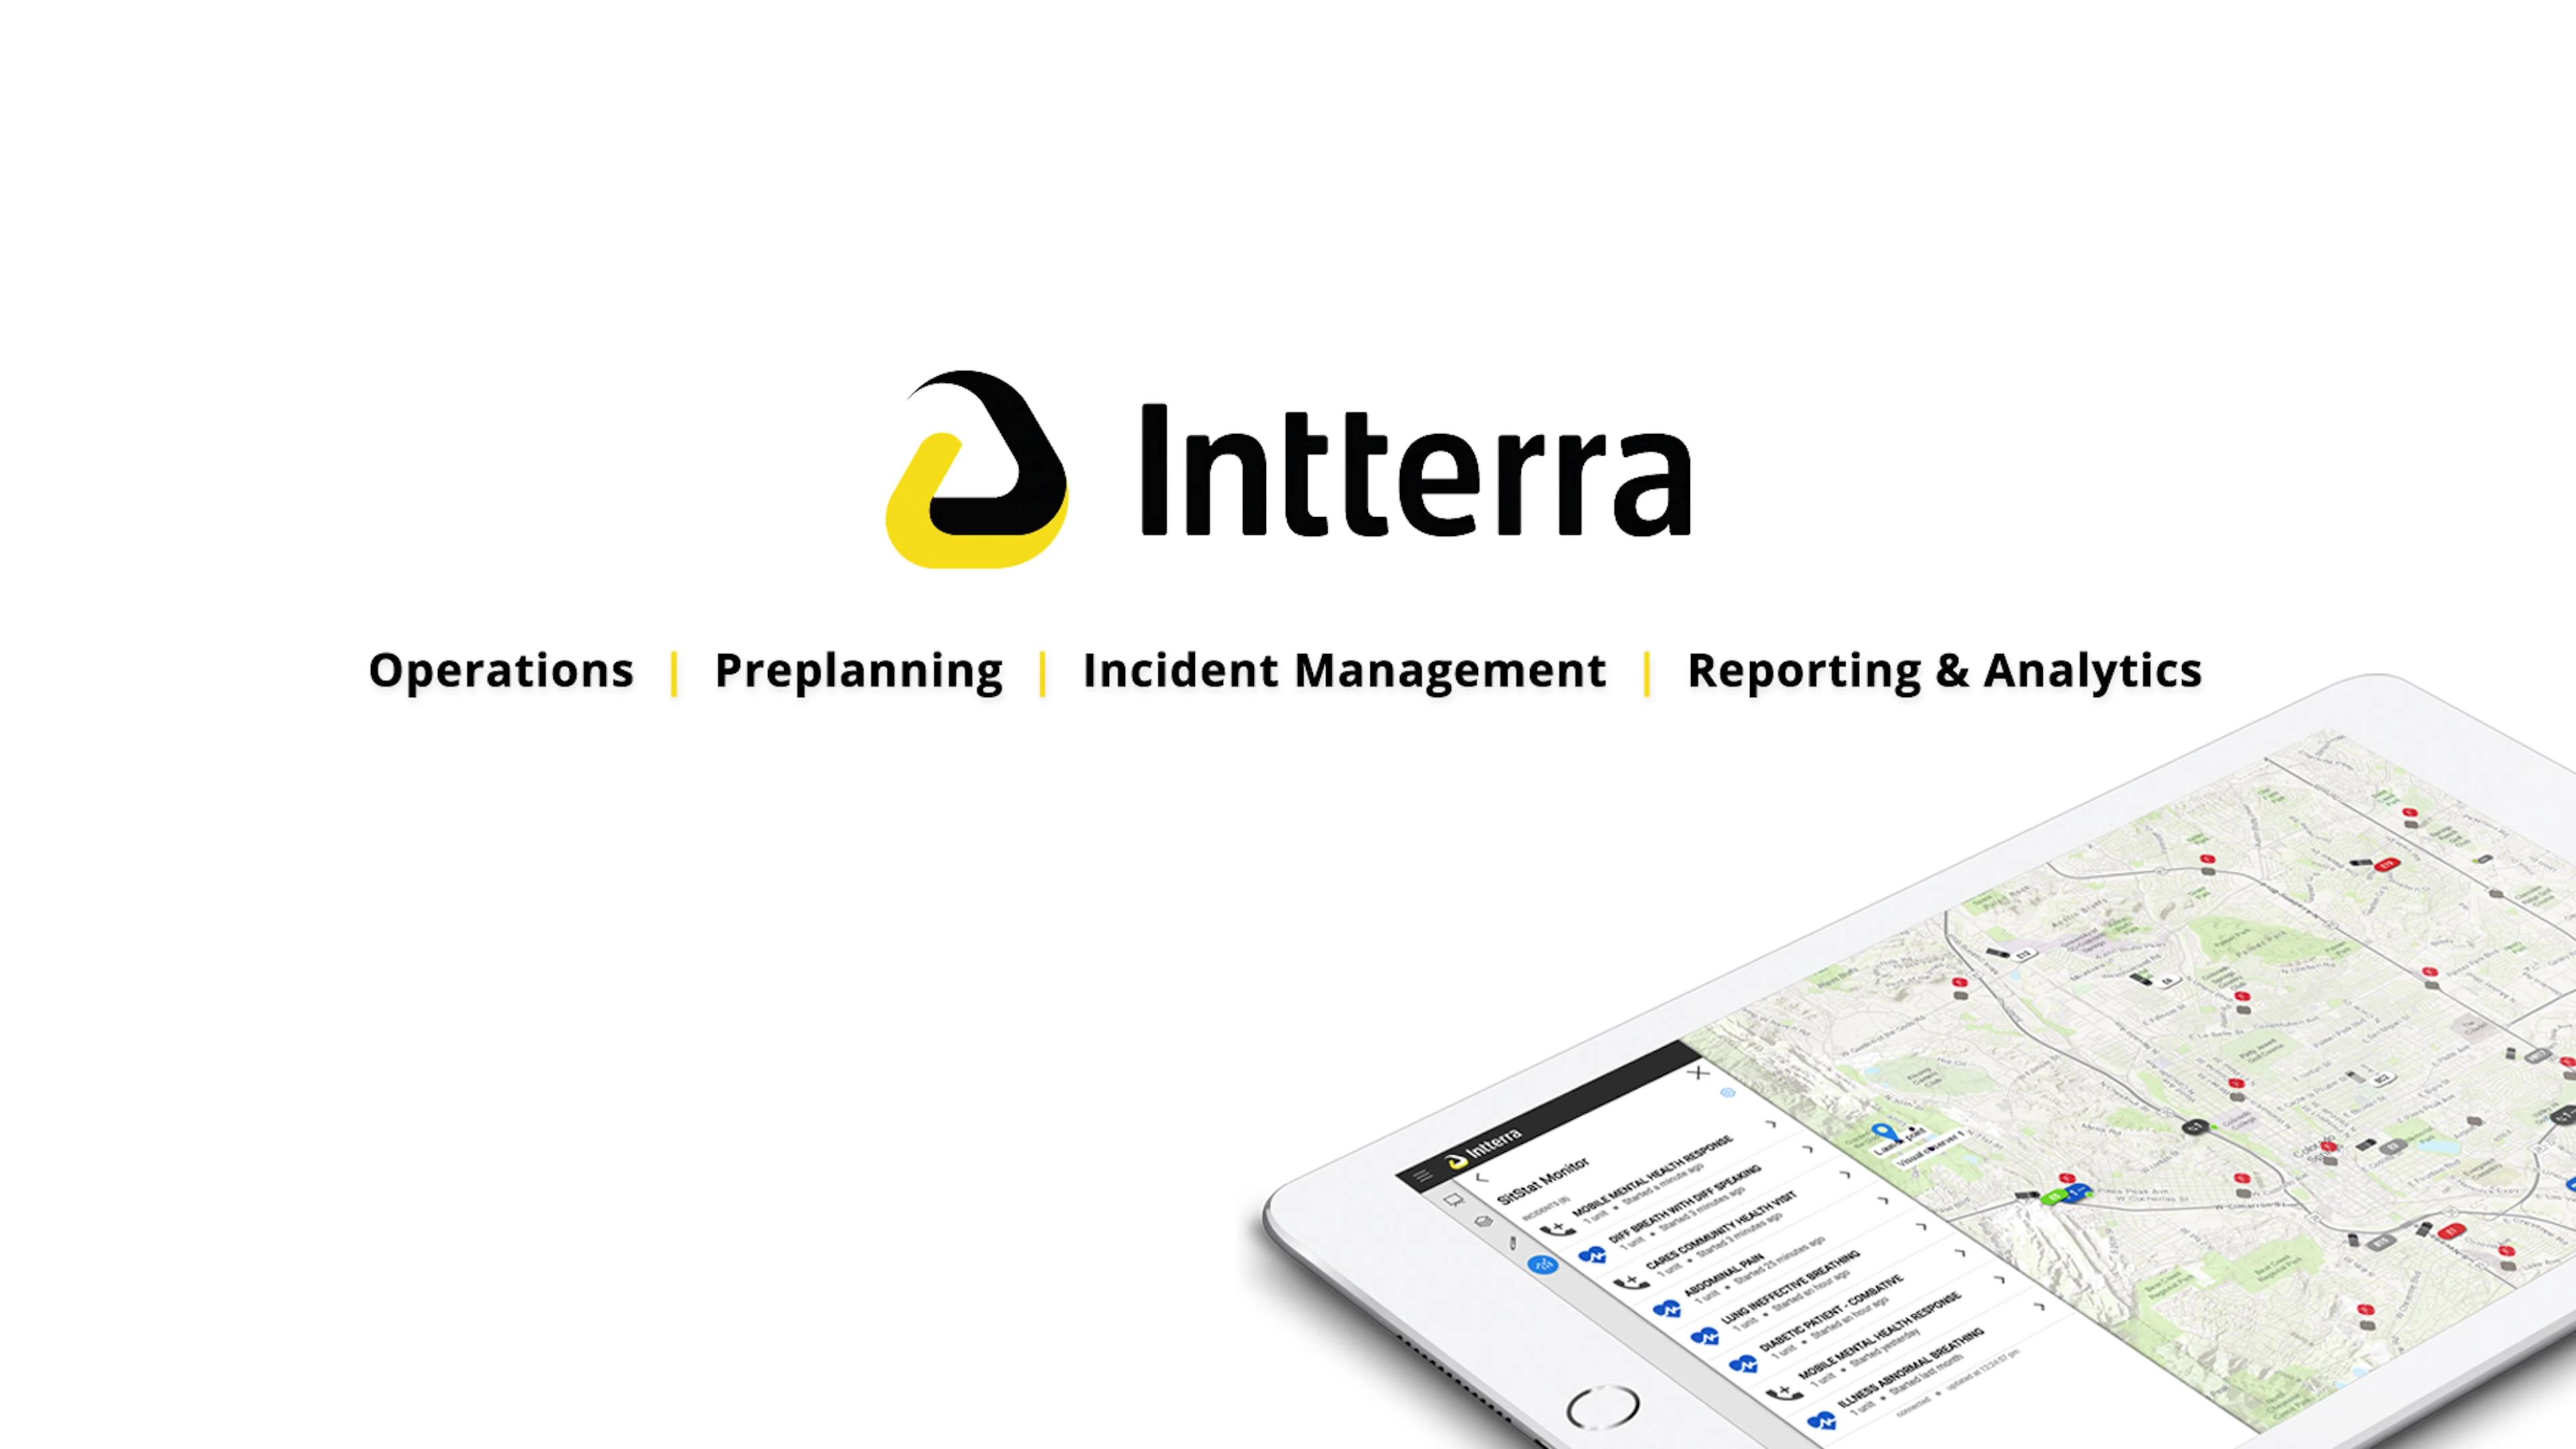 Intterra Brand Video